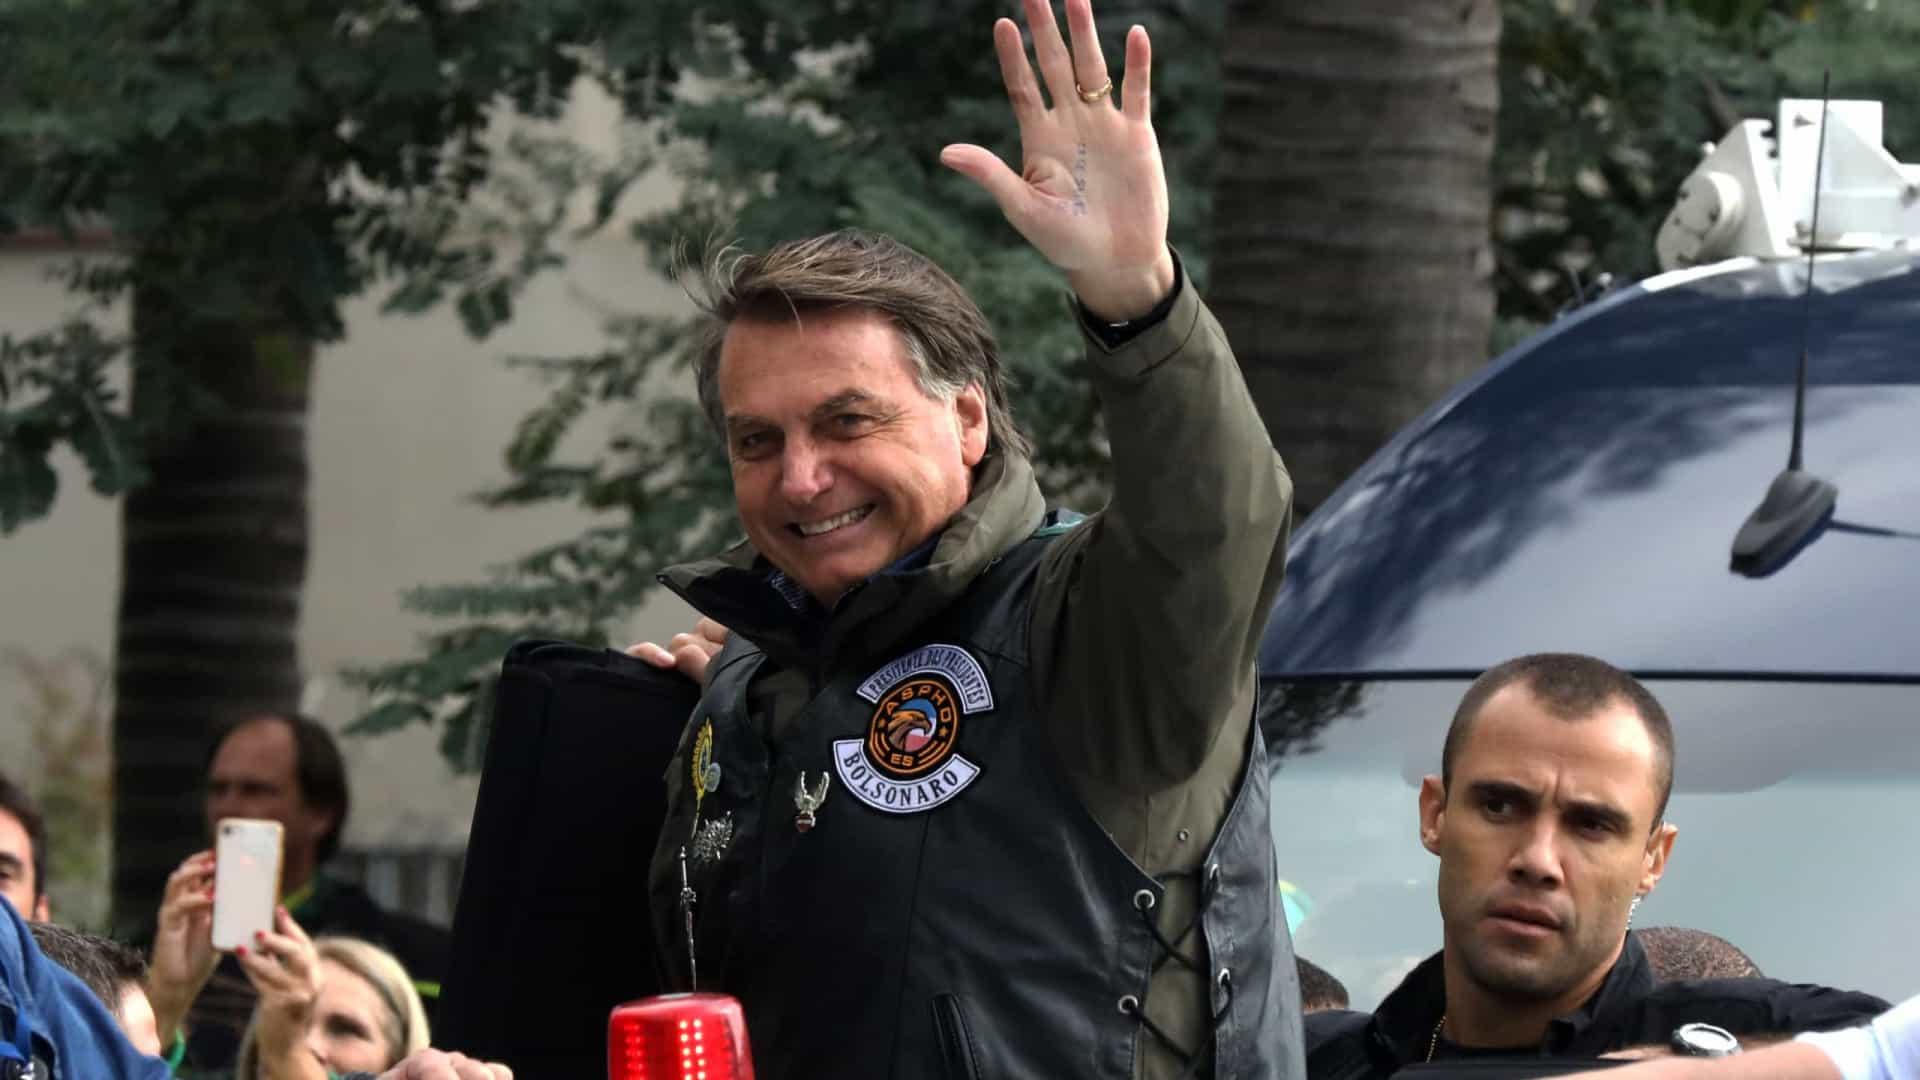 naom 60c4ffe901b8a - Após motociata, Bolsonaro cita Deus e militares, enaltece PM-SP e cloroquina e ataca isolamento